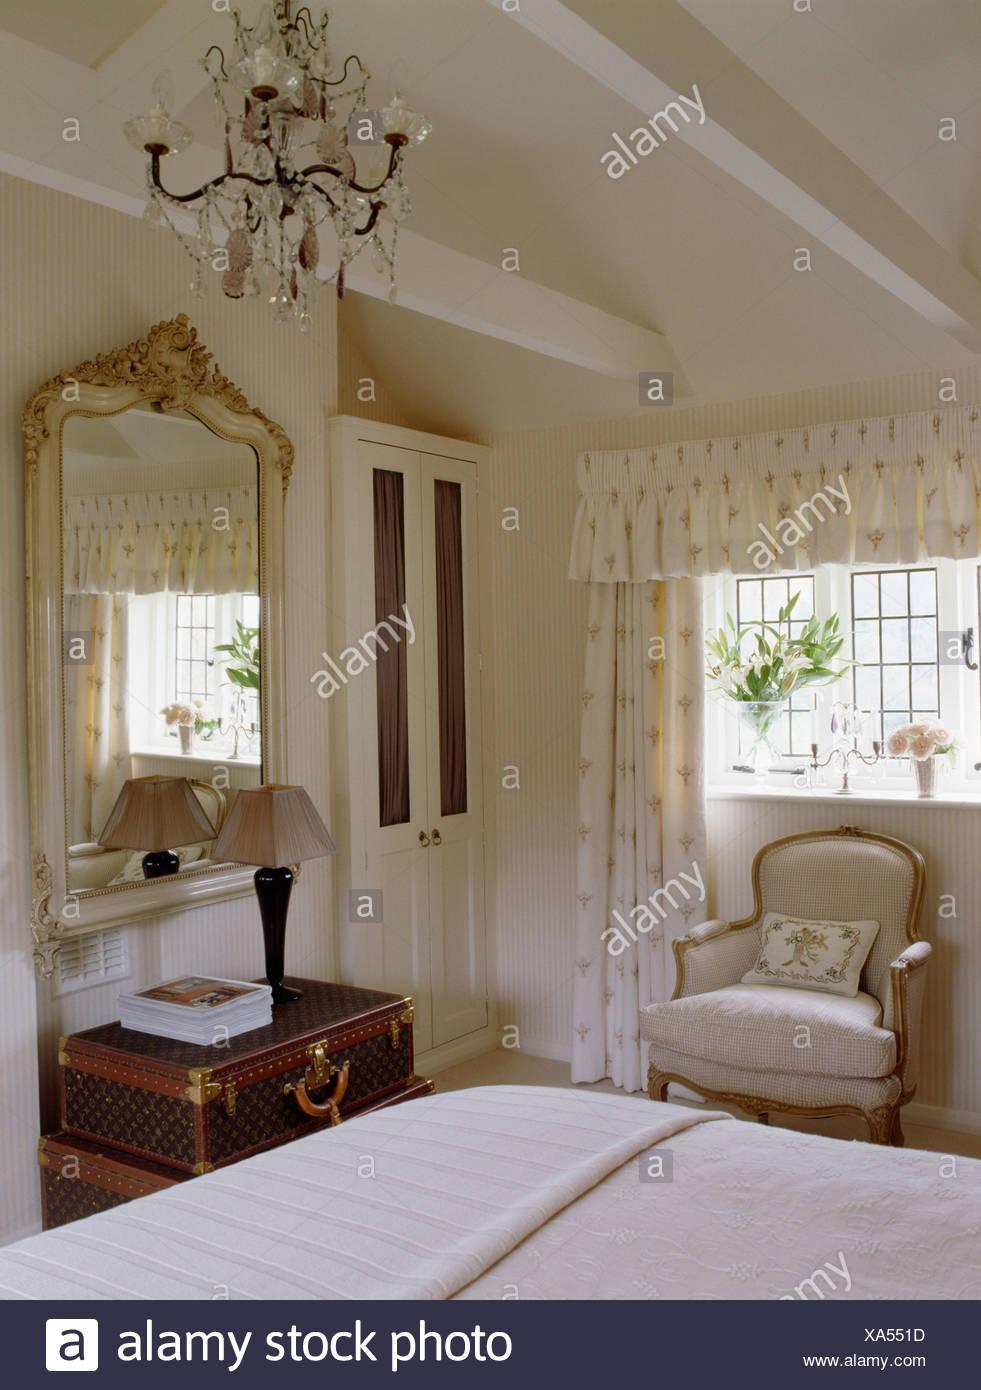 Kronleuchter und Apex Decke in Creme Land Schlafzimmer mit großen ...